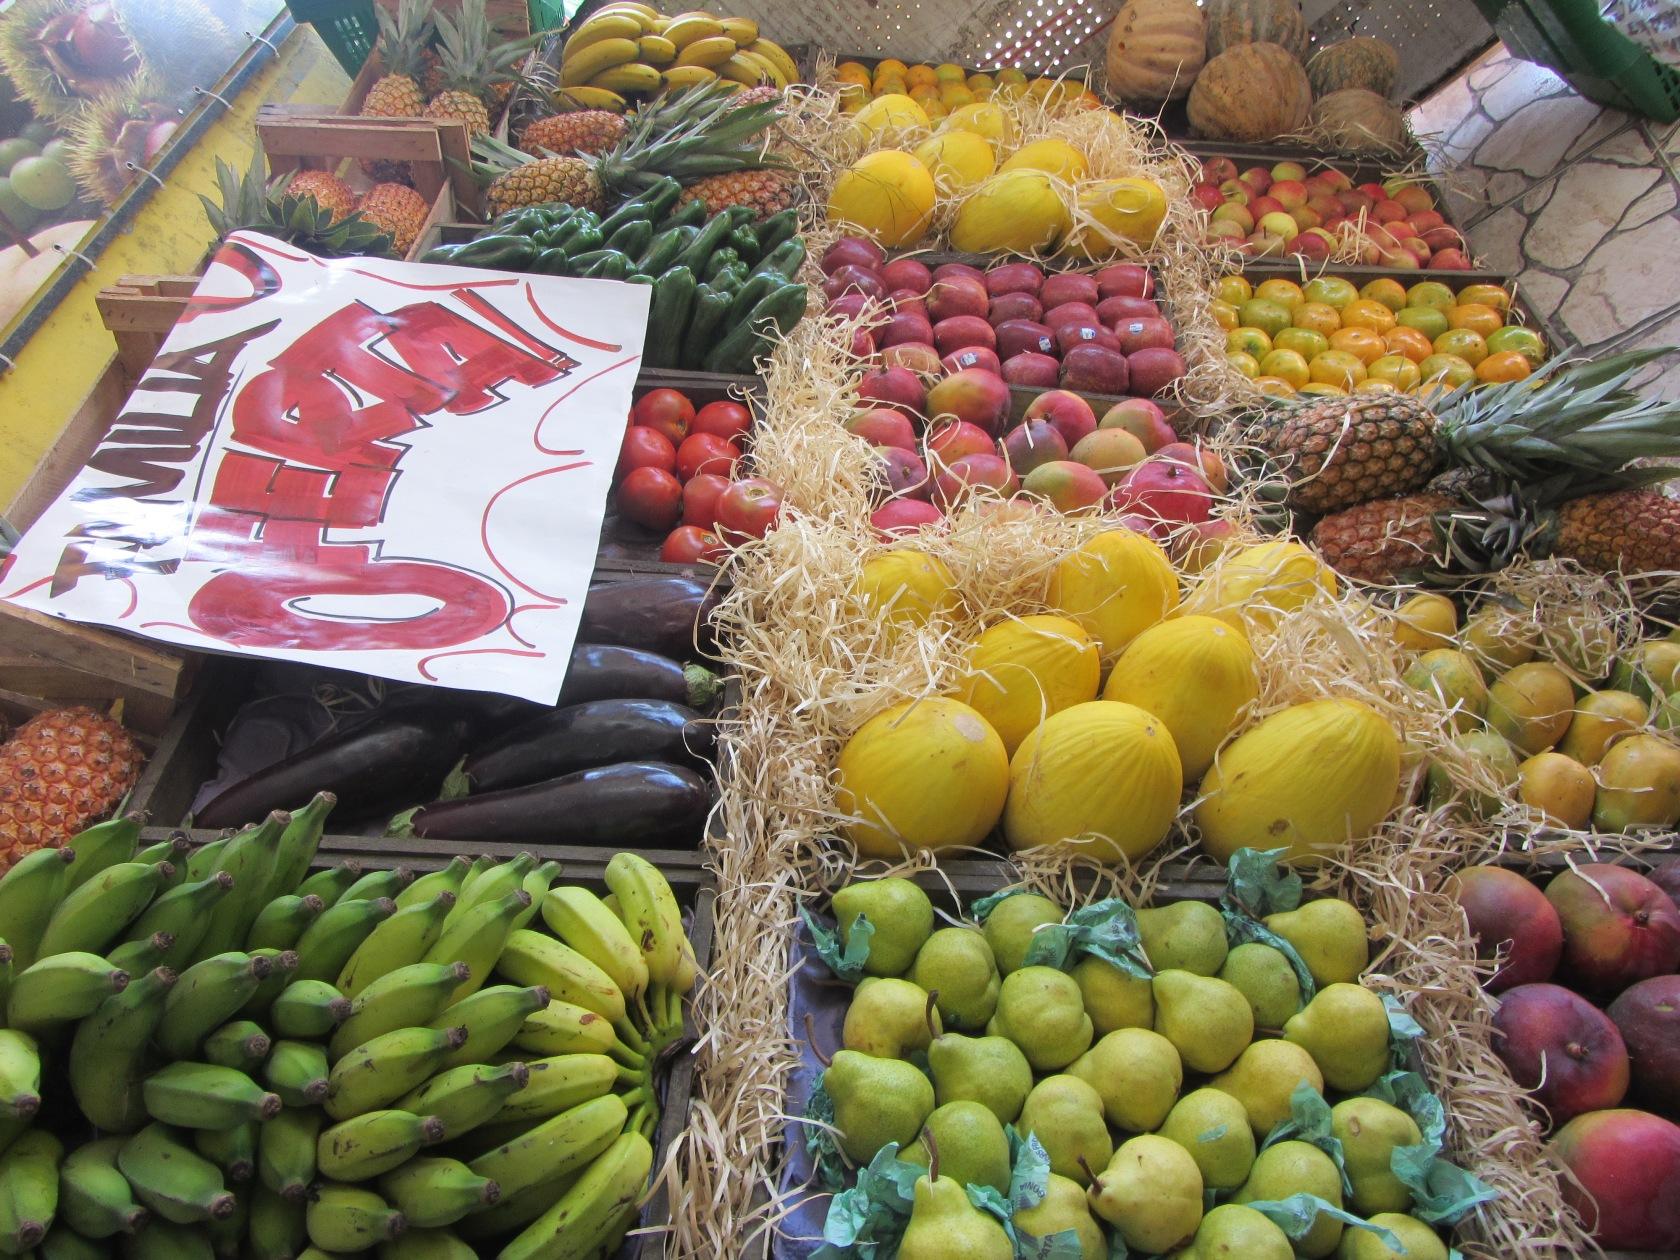 принцип здоровья и питания, как сделать еду здоровой, как приготовить здоровую еду.